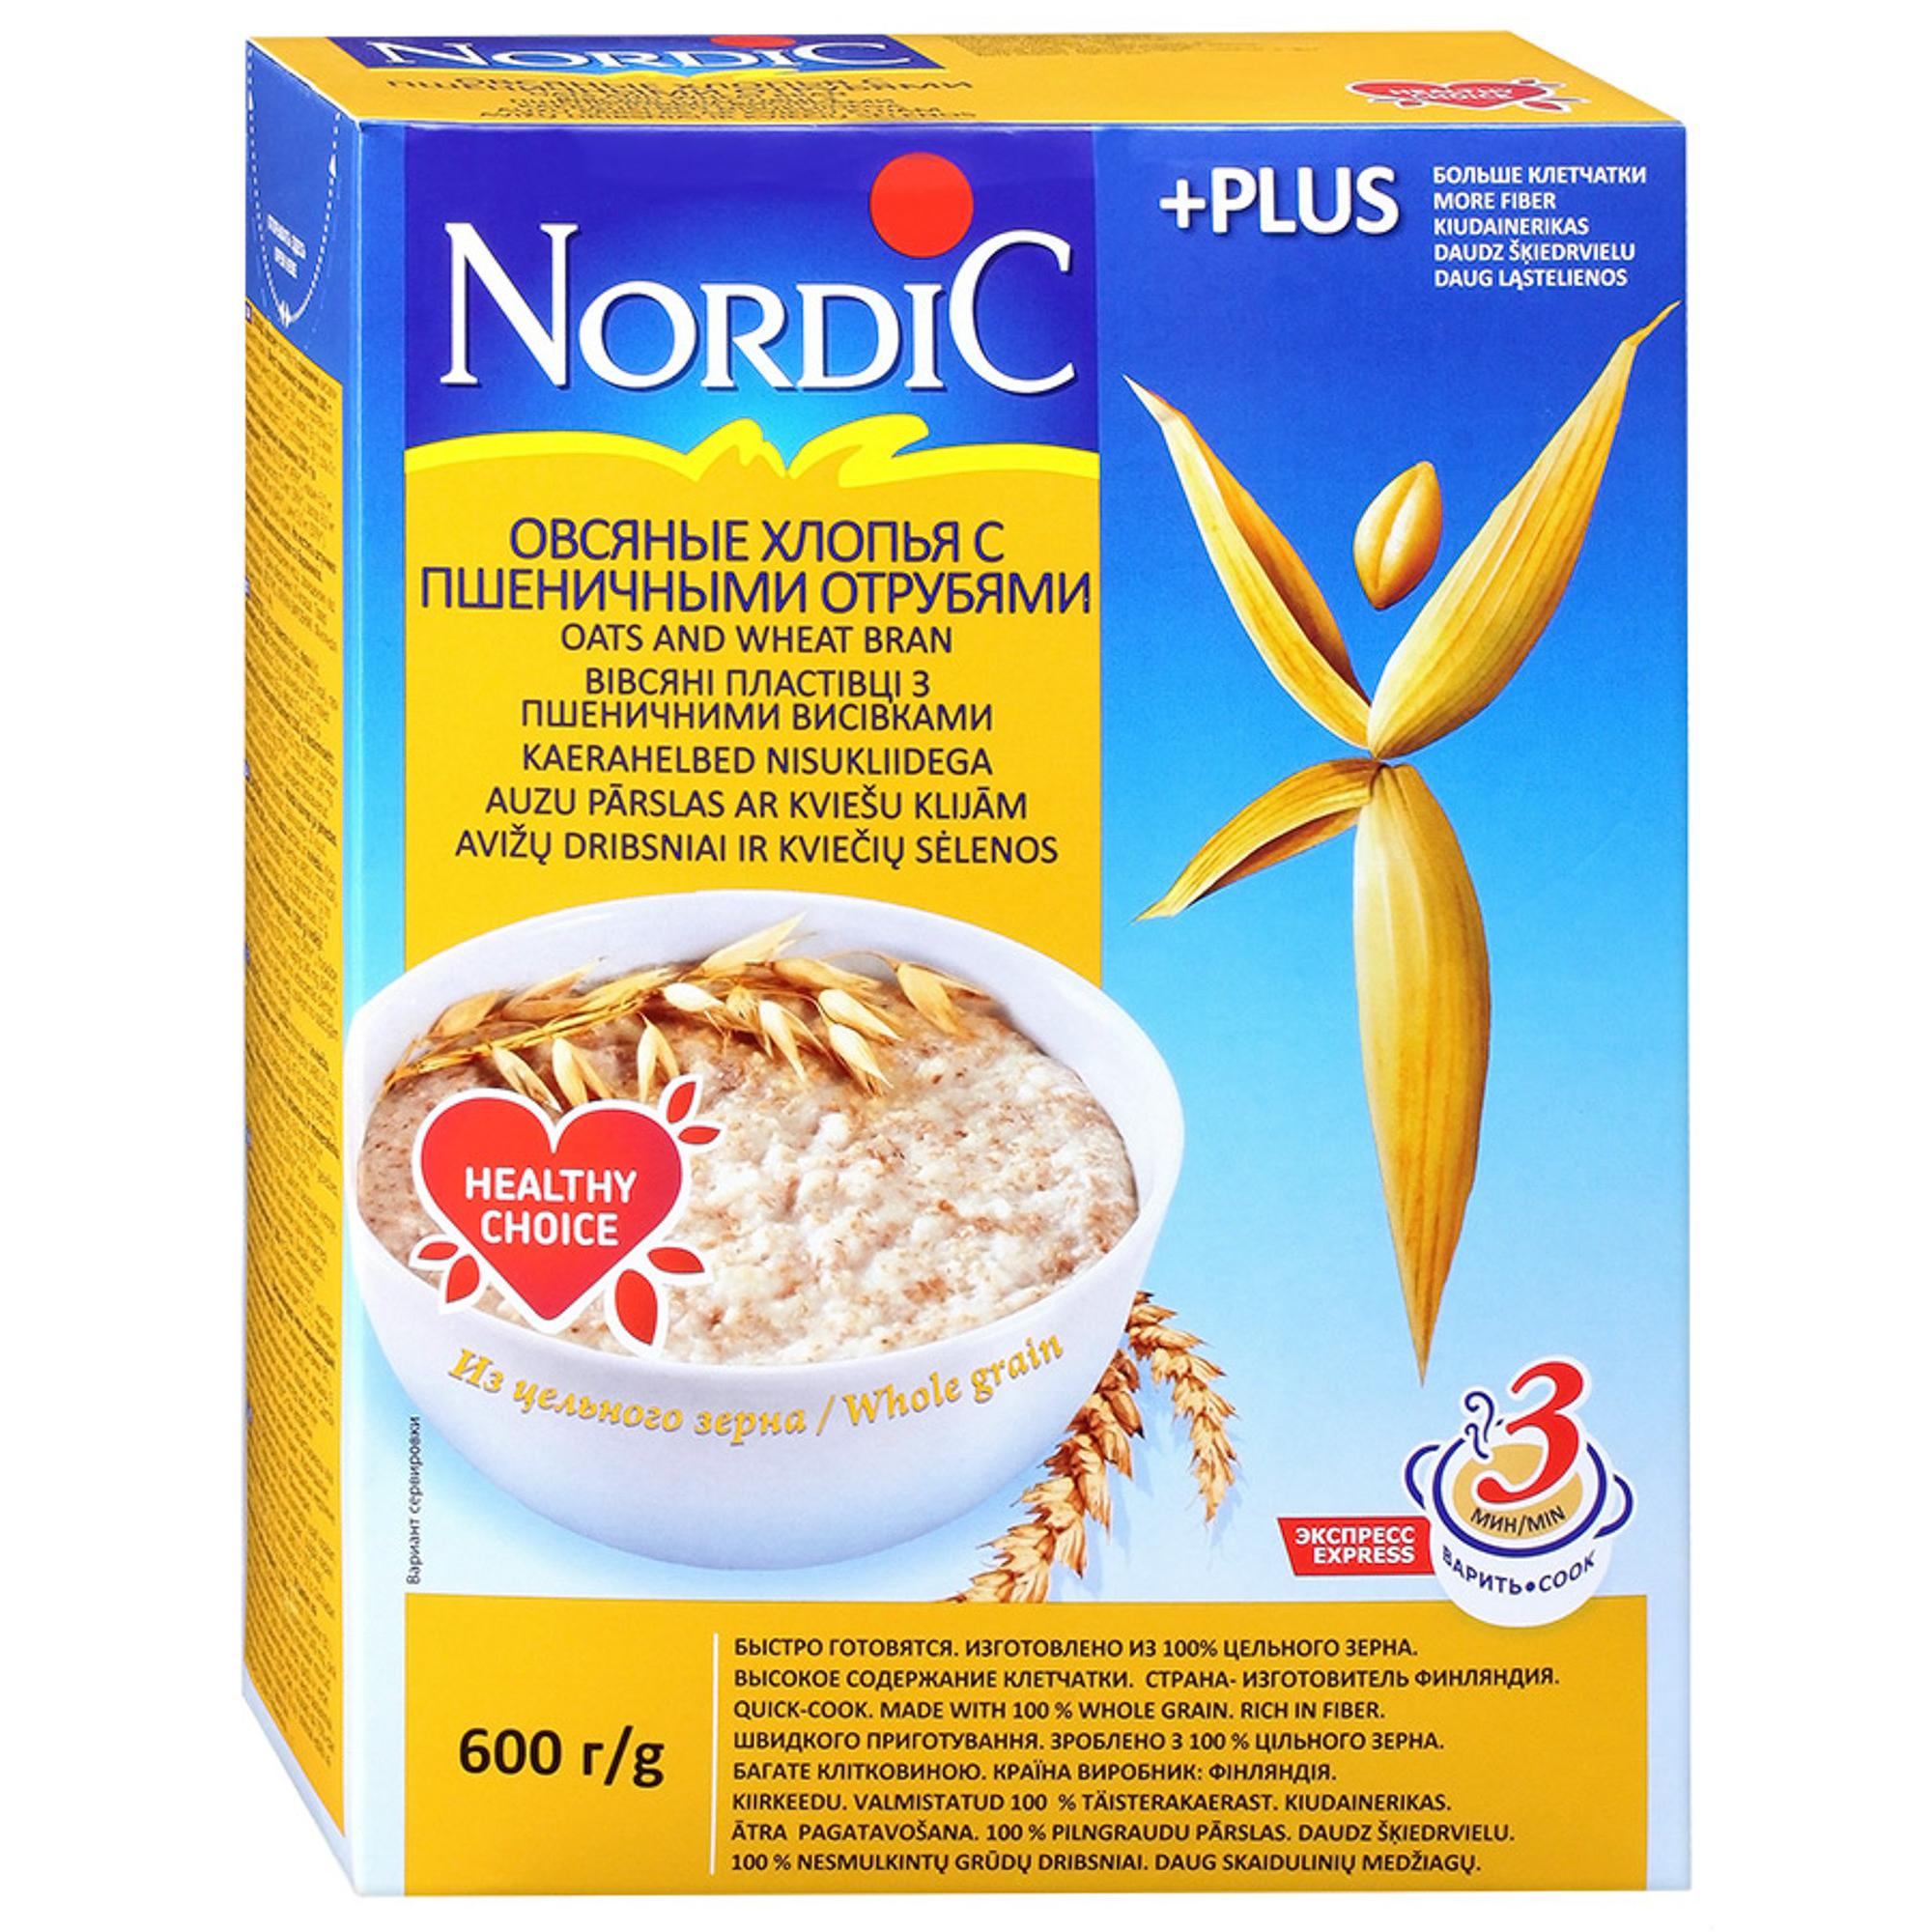 Хлопья Nordic овсяные с пшеничными отрубями 600 г